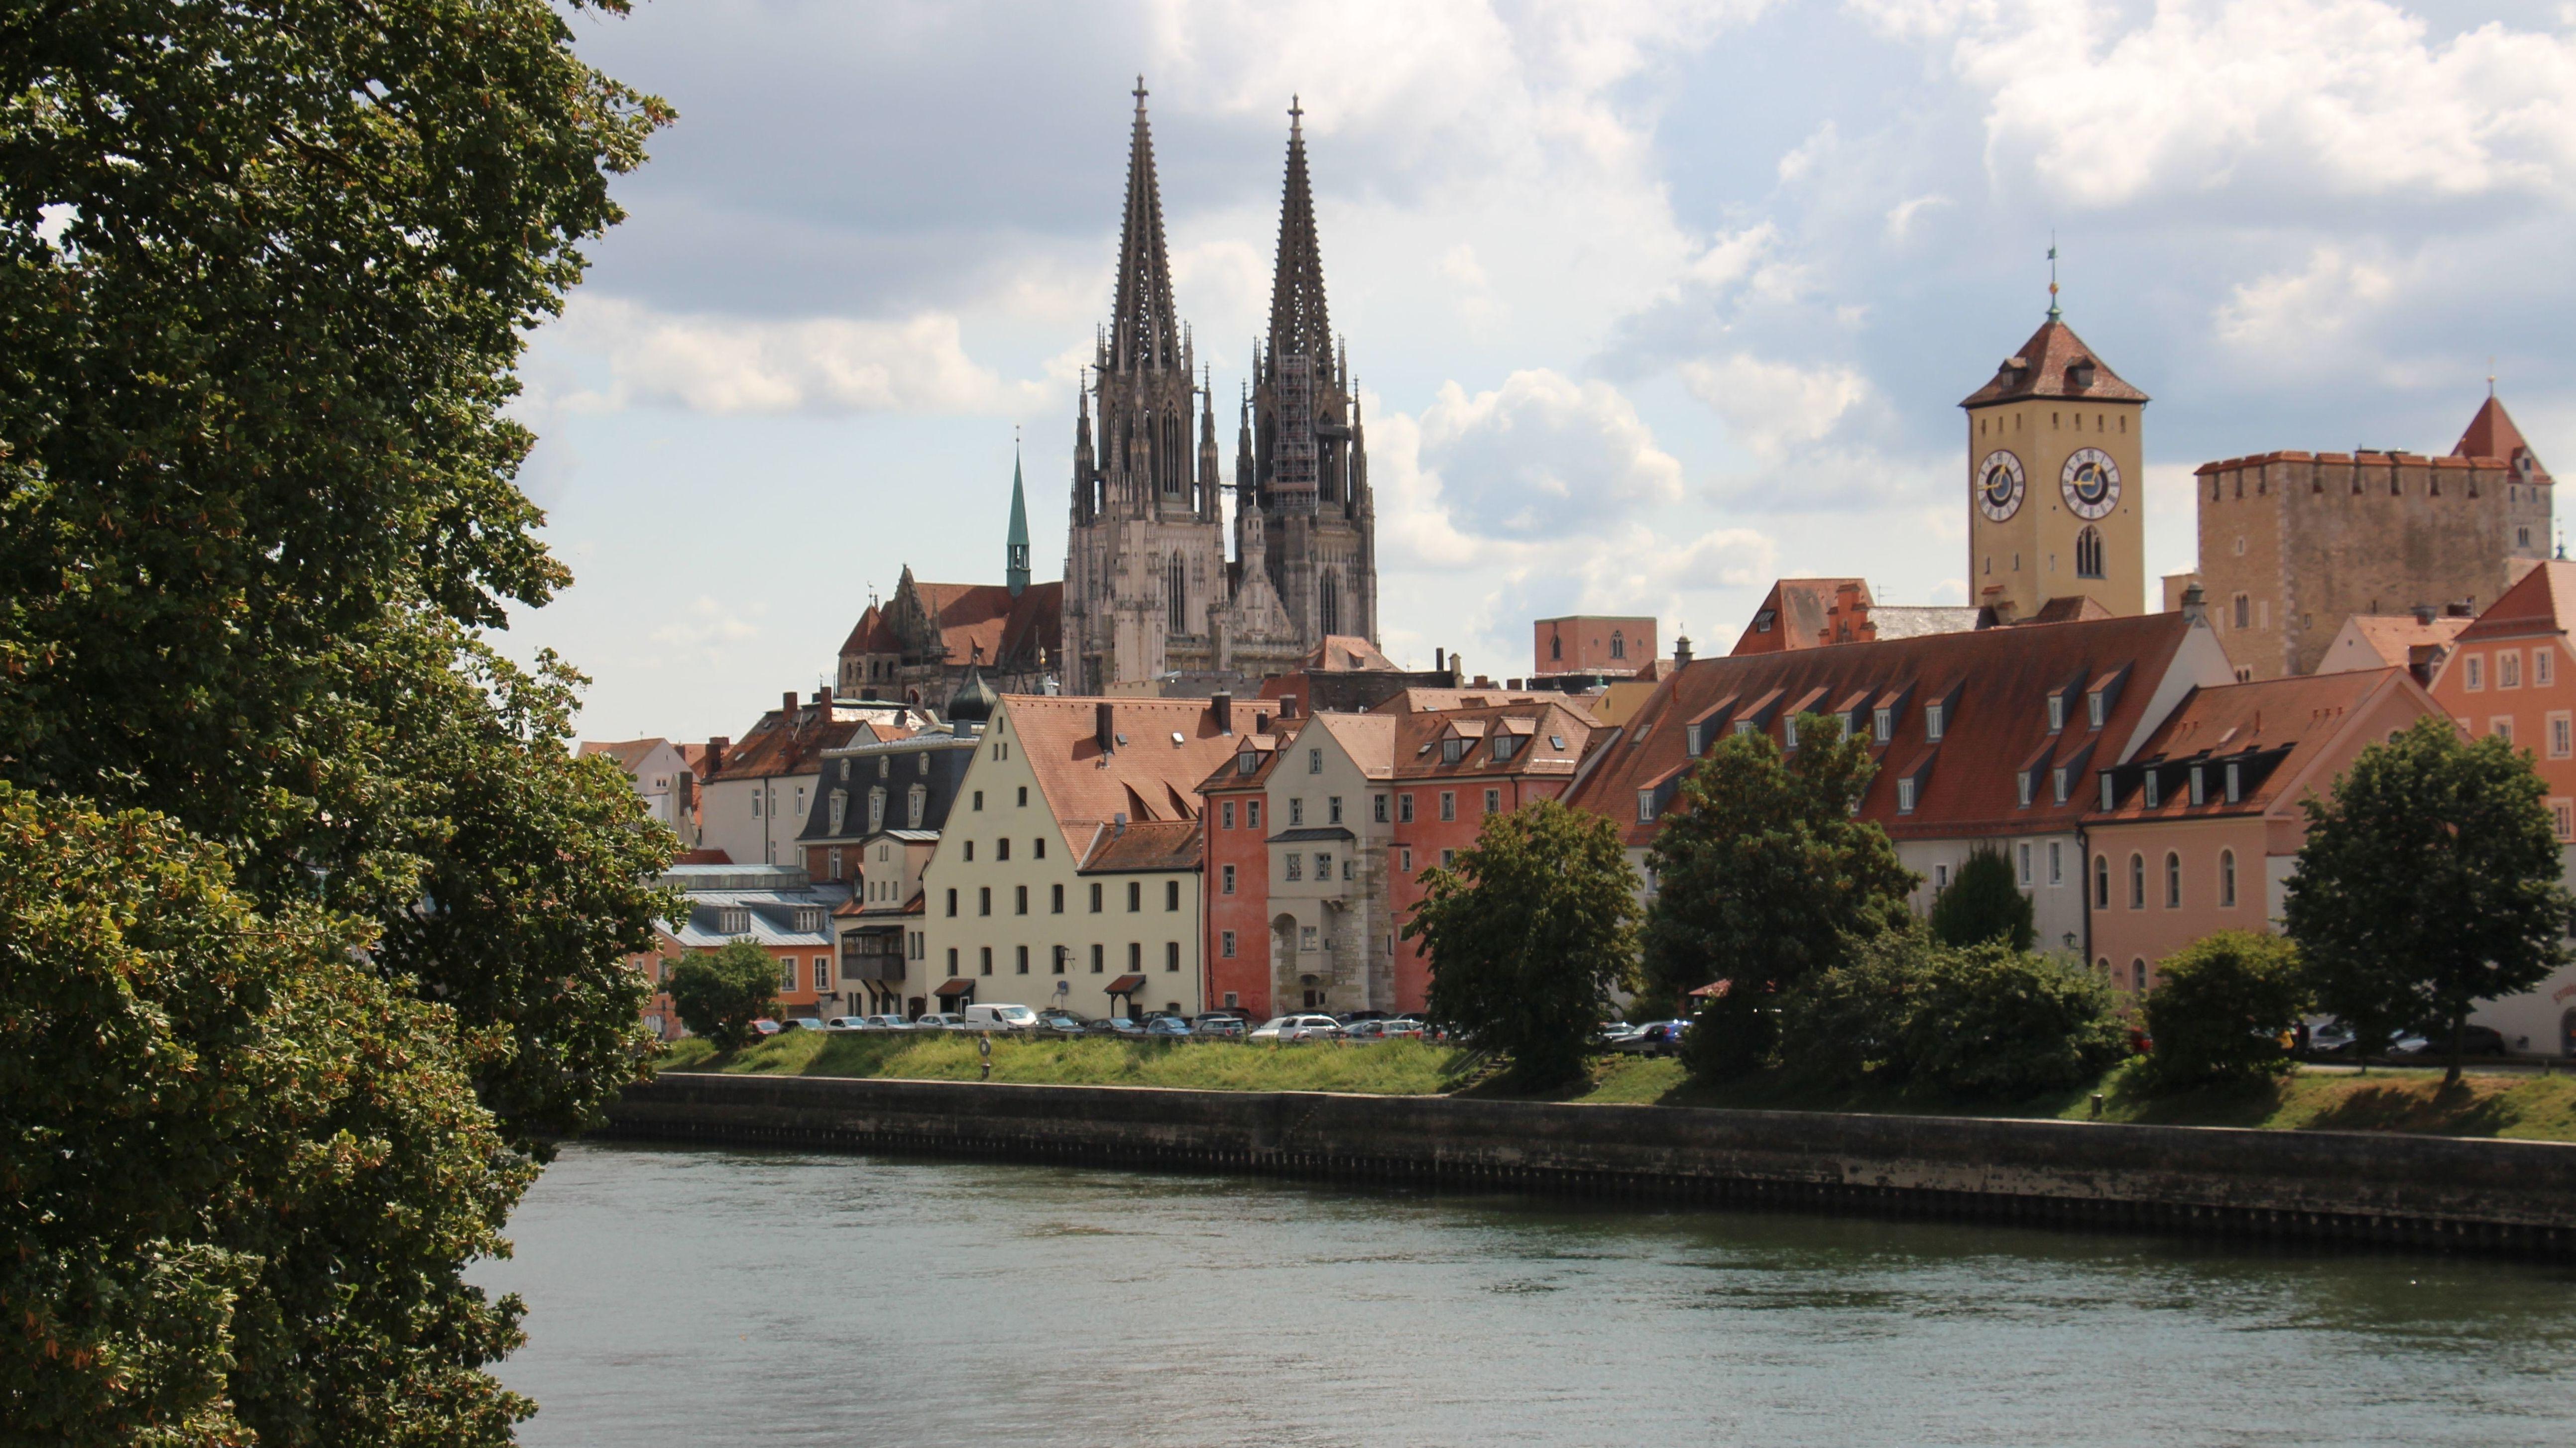 Blick auf die Regensburger Altstadt.